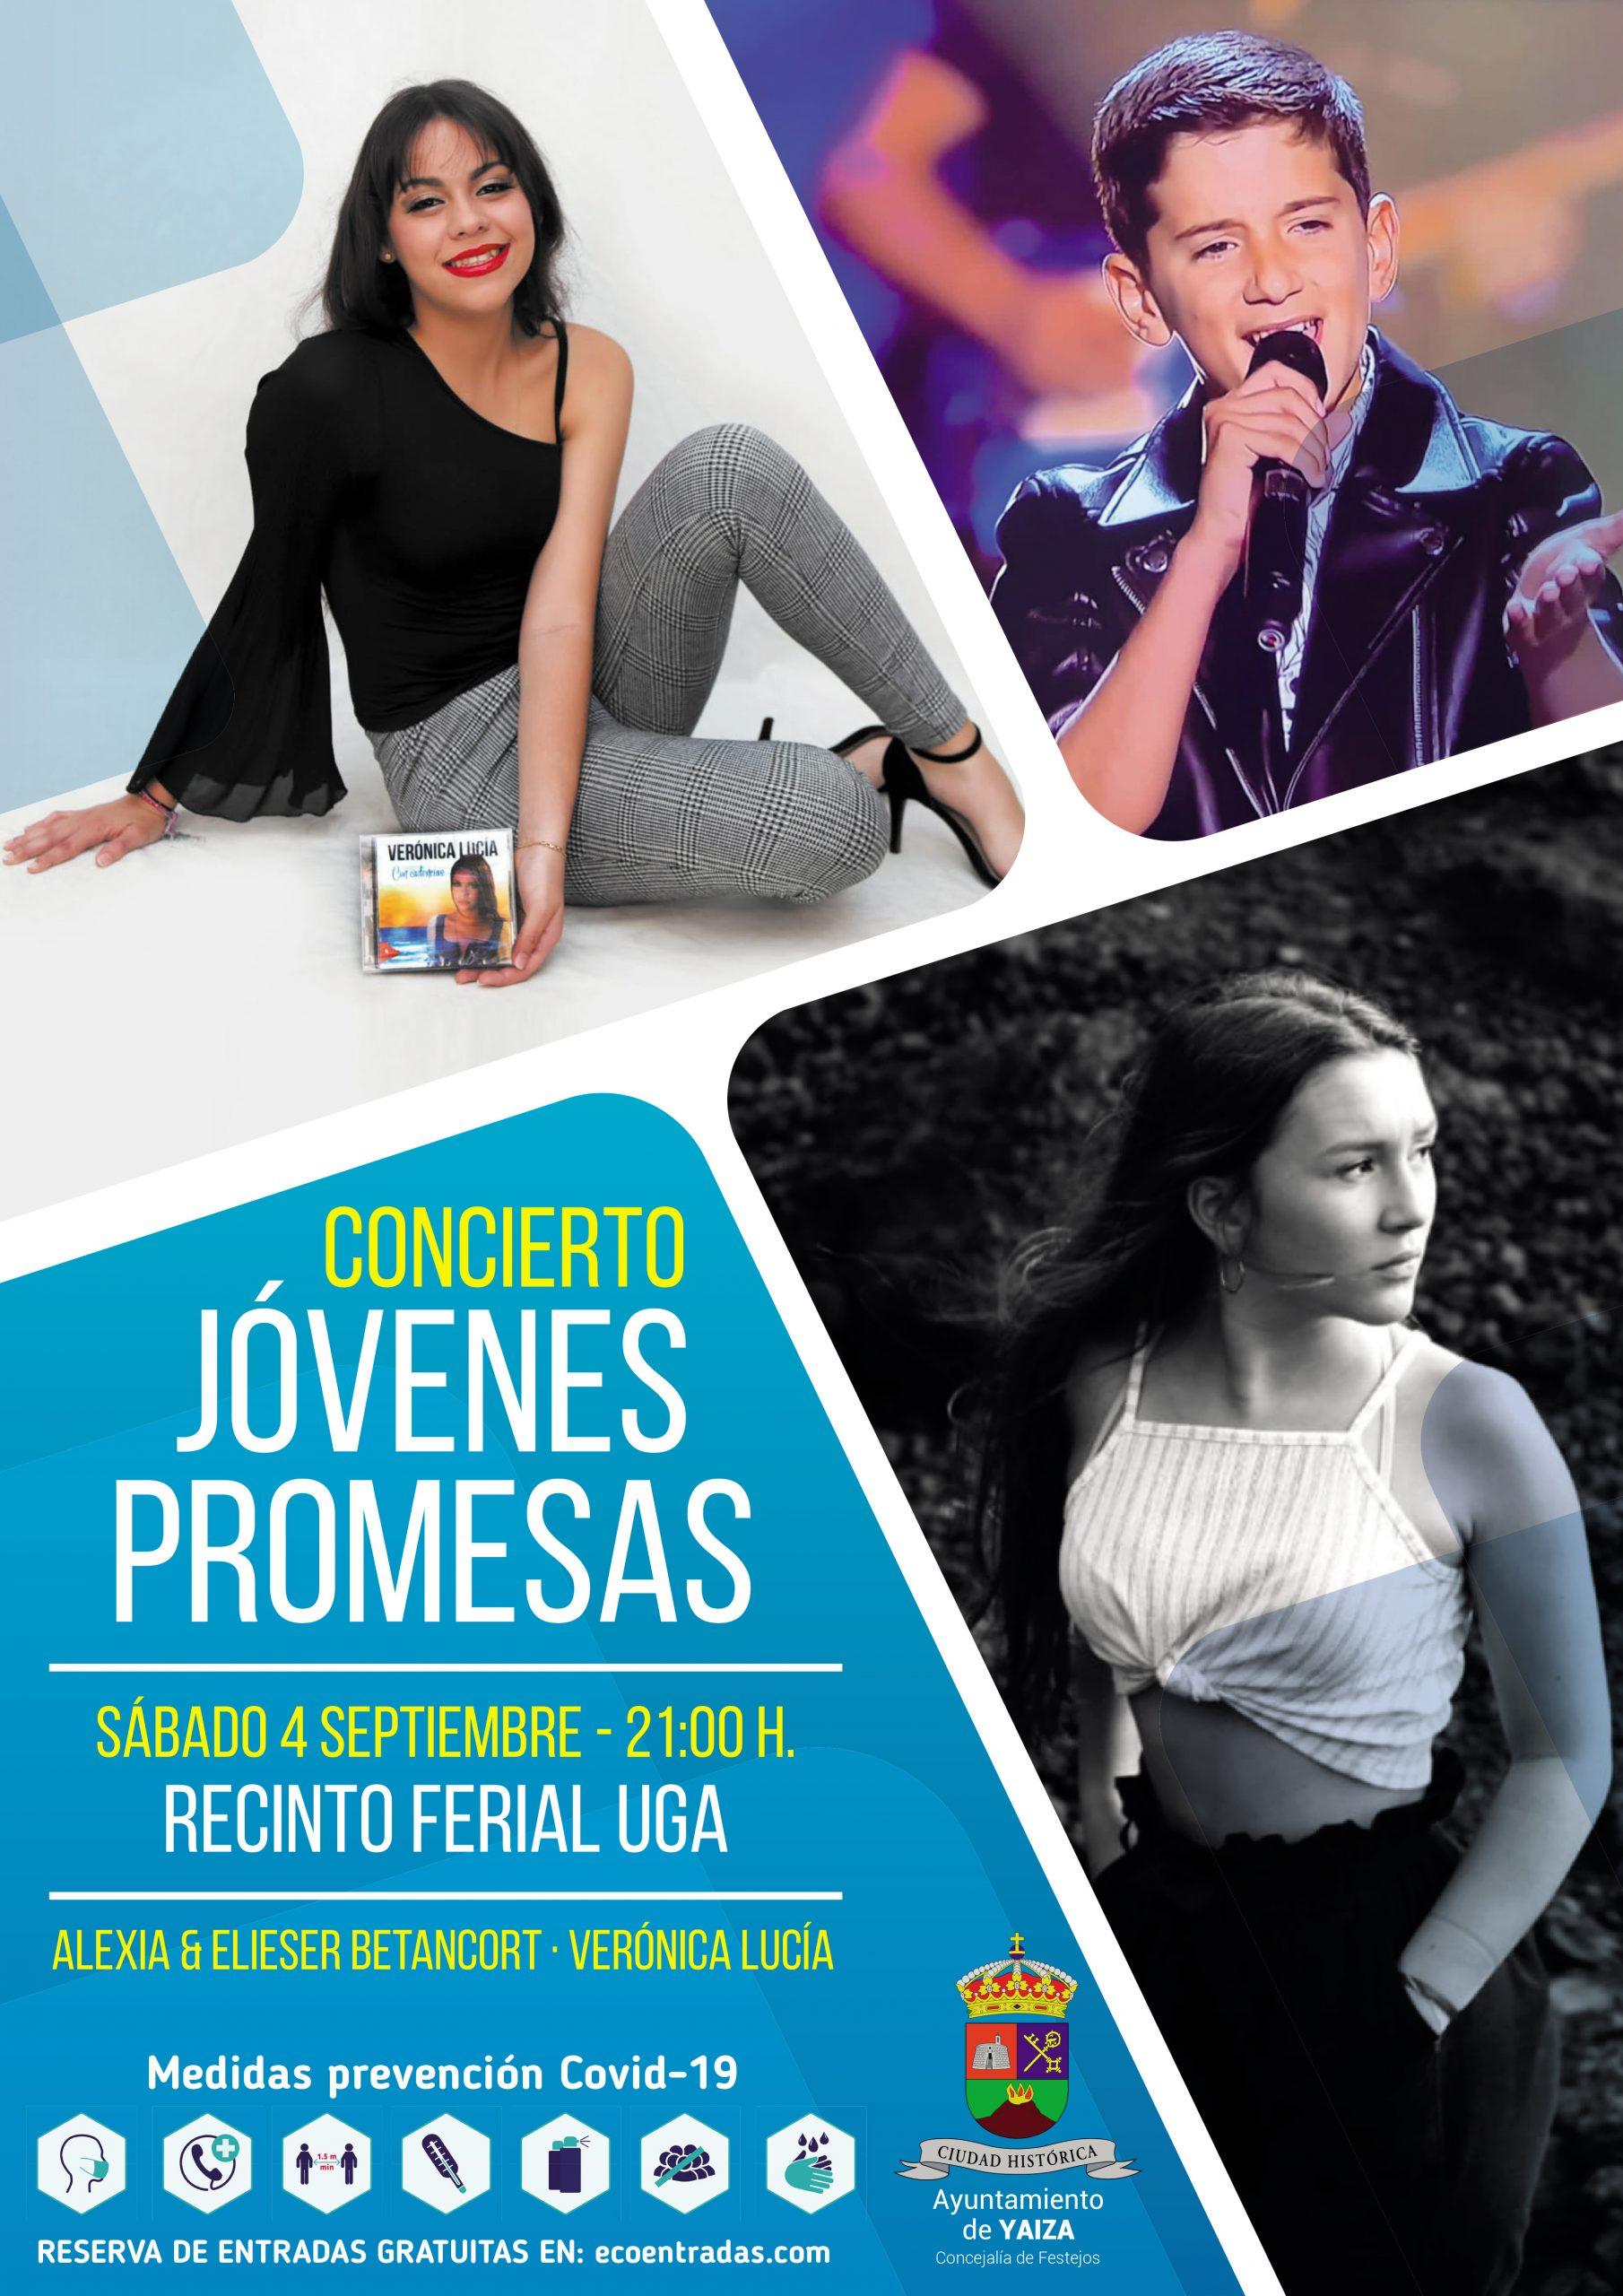 Alexia, Verónica Lucía y Elieser vuelven al escenario este sábado en Uga